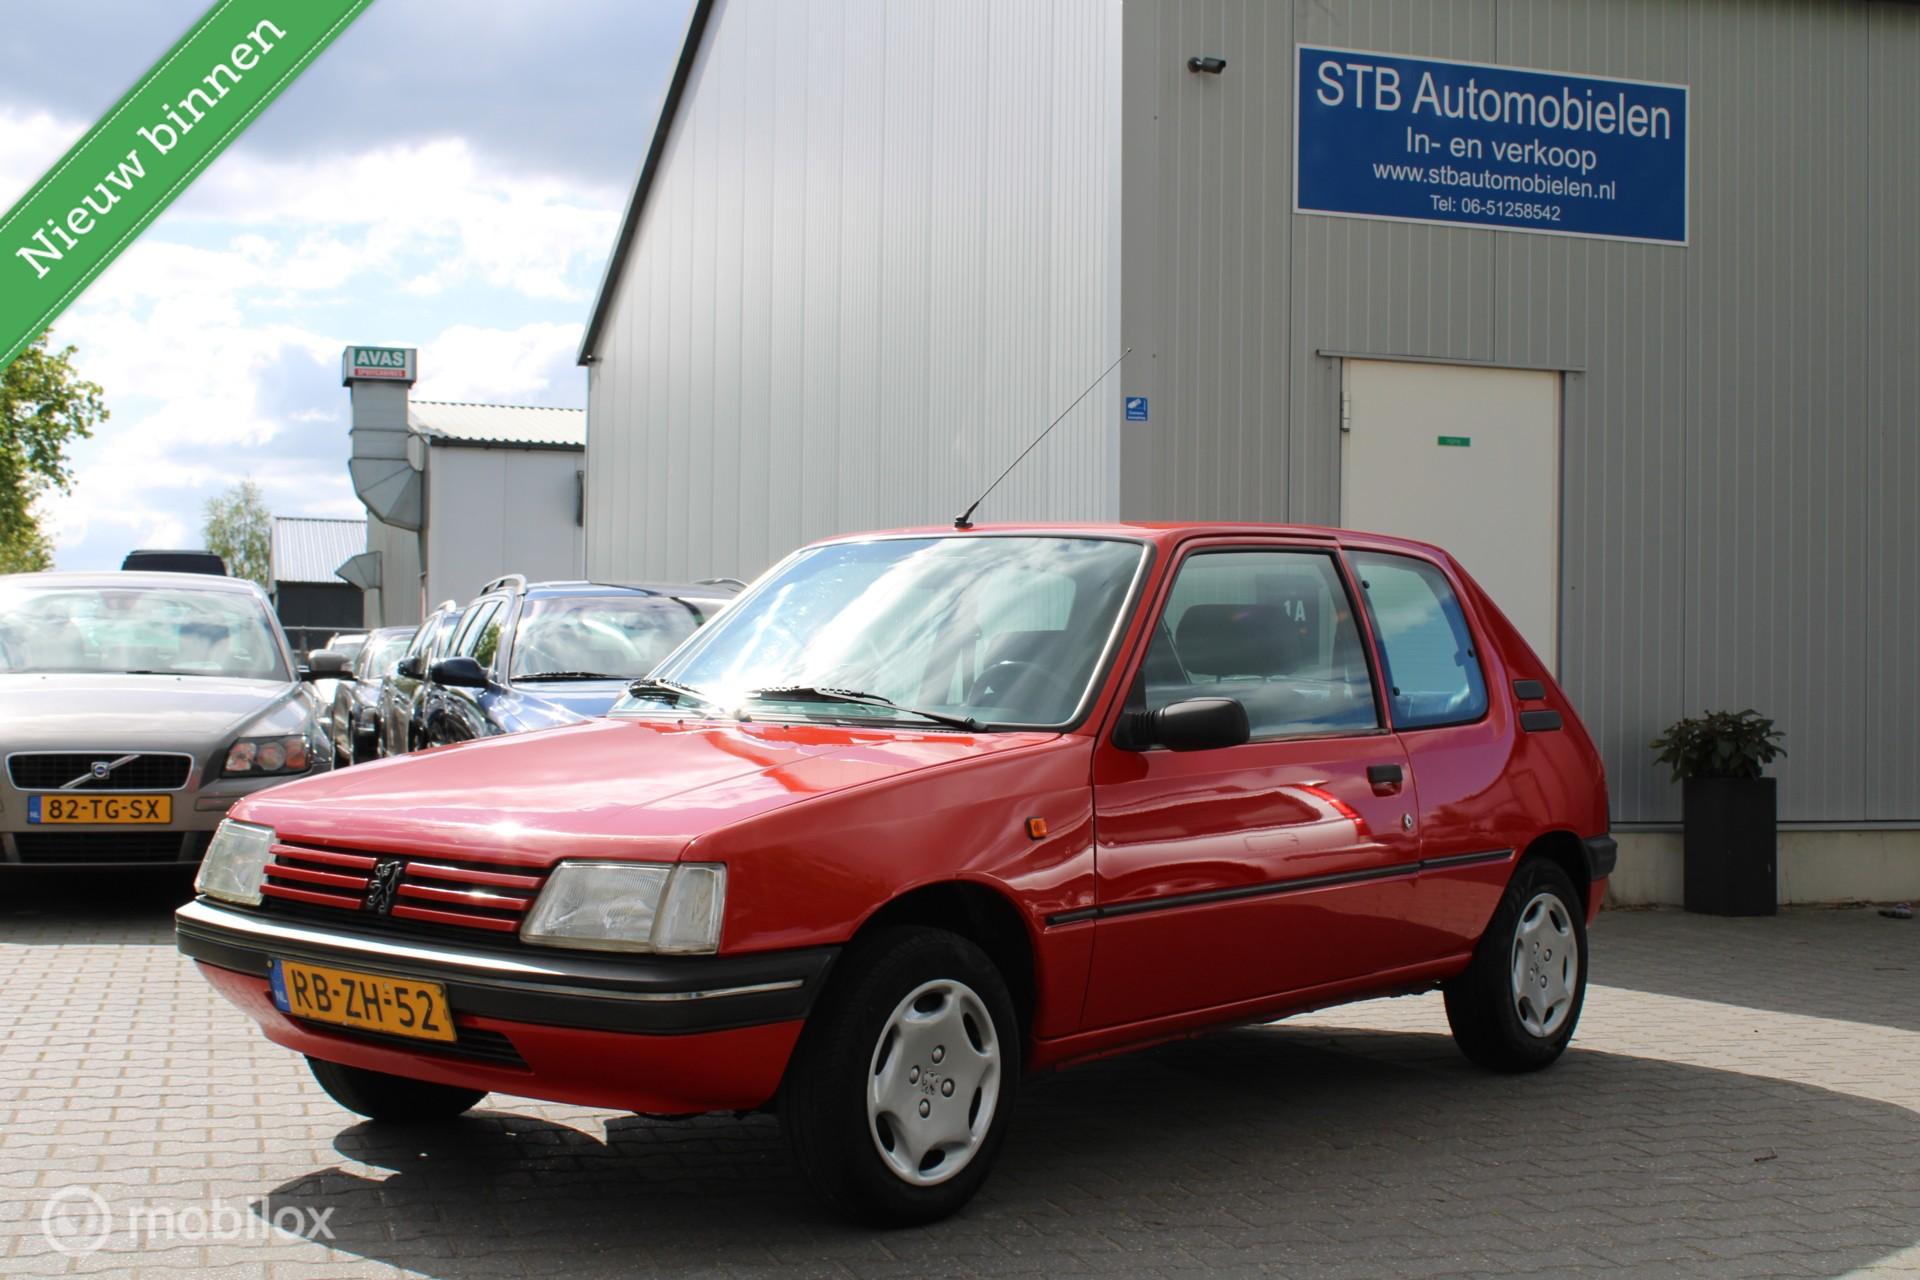 Peugeot 205 1.4 Génération, Leuke auto